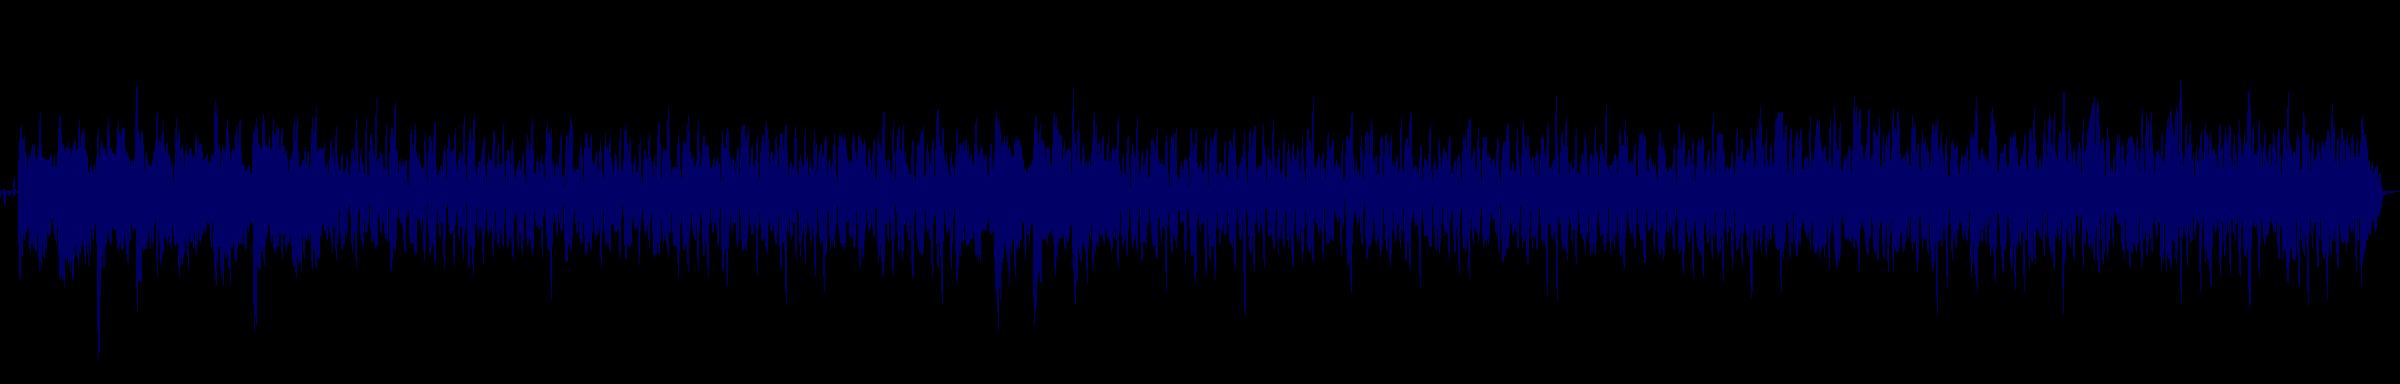 waveform of track #153528